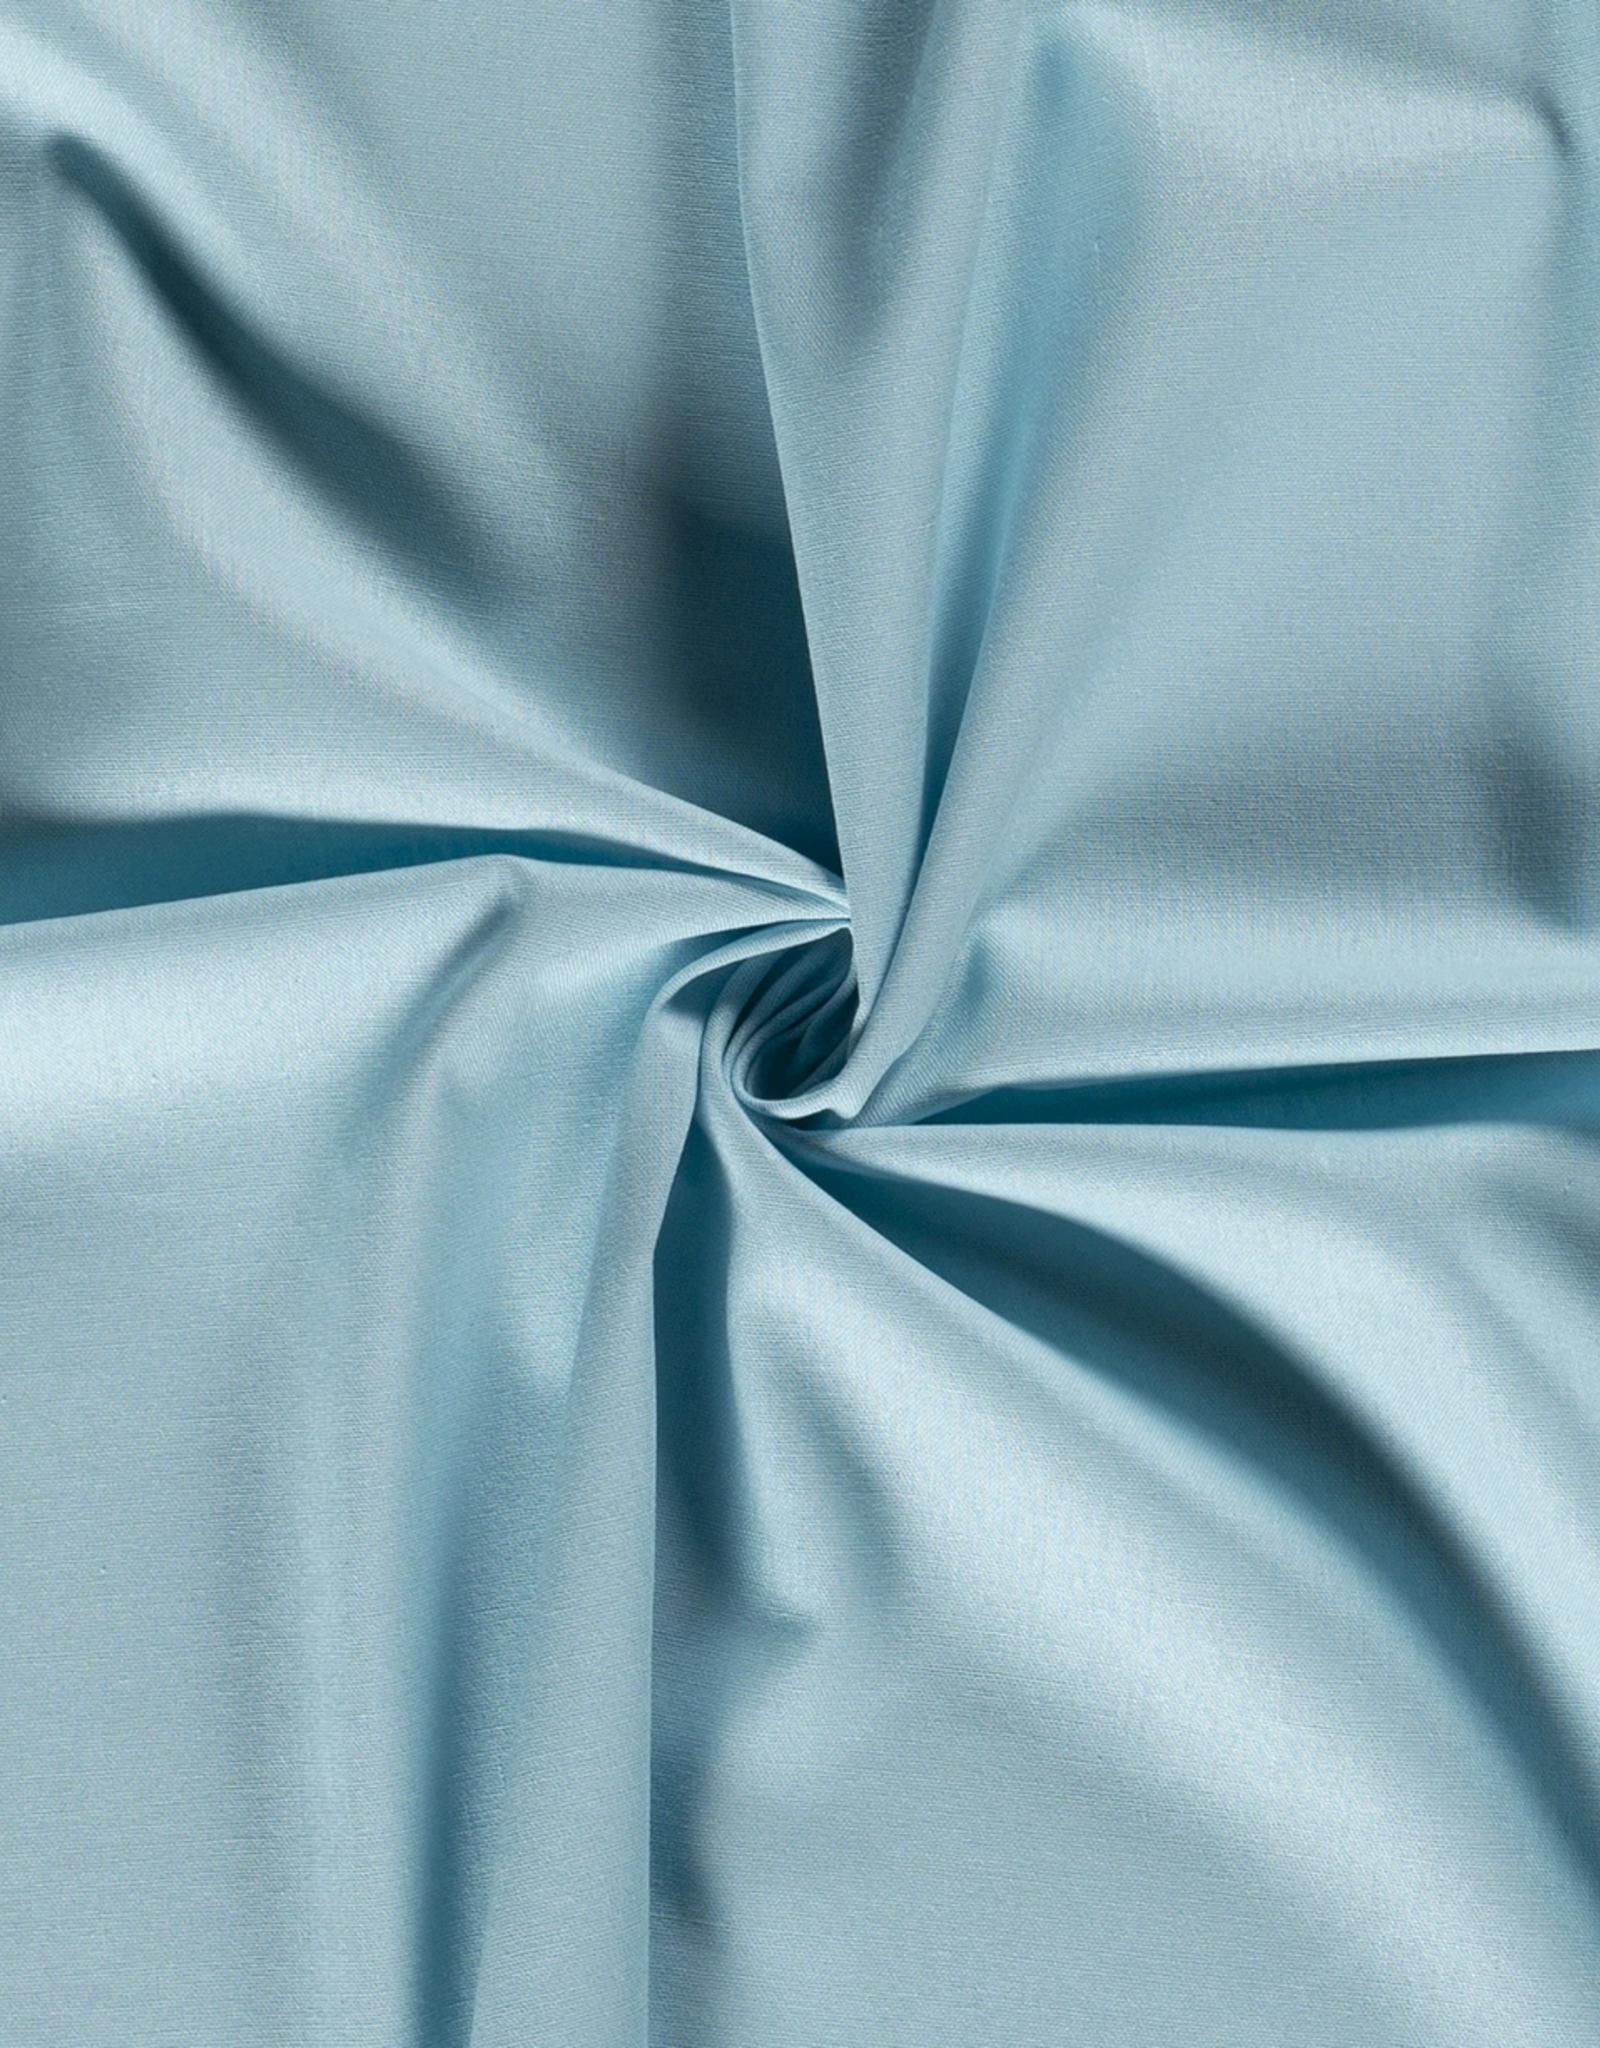 Viscose-linnen - Zachtblauw